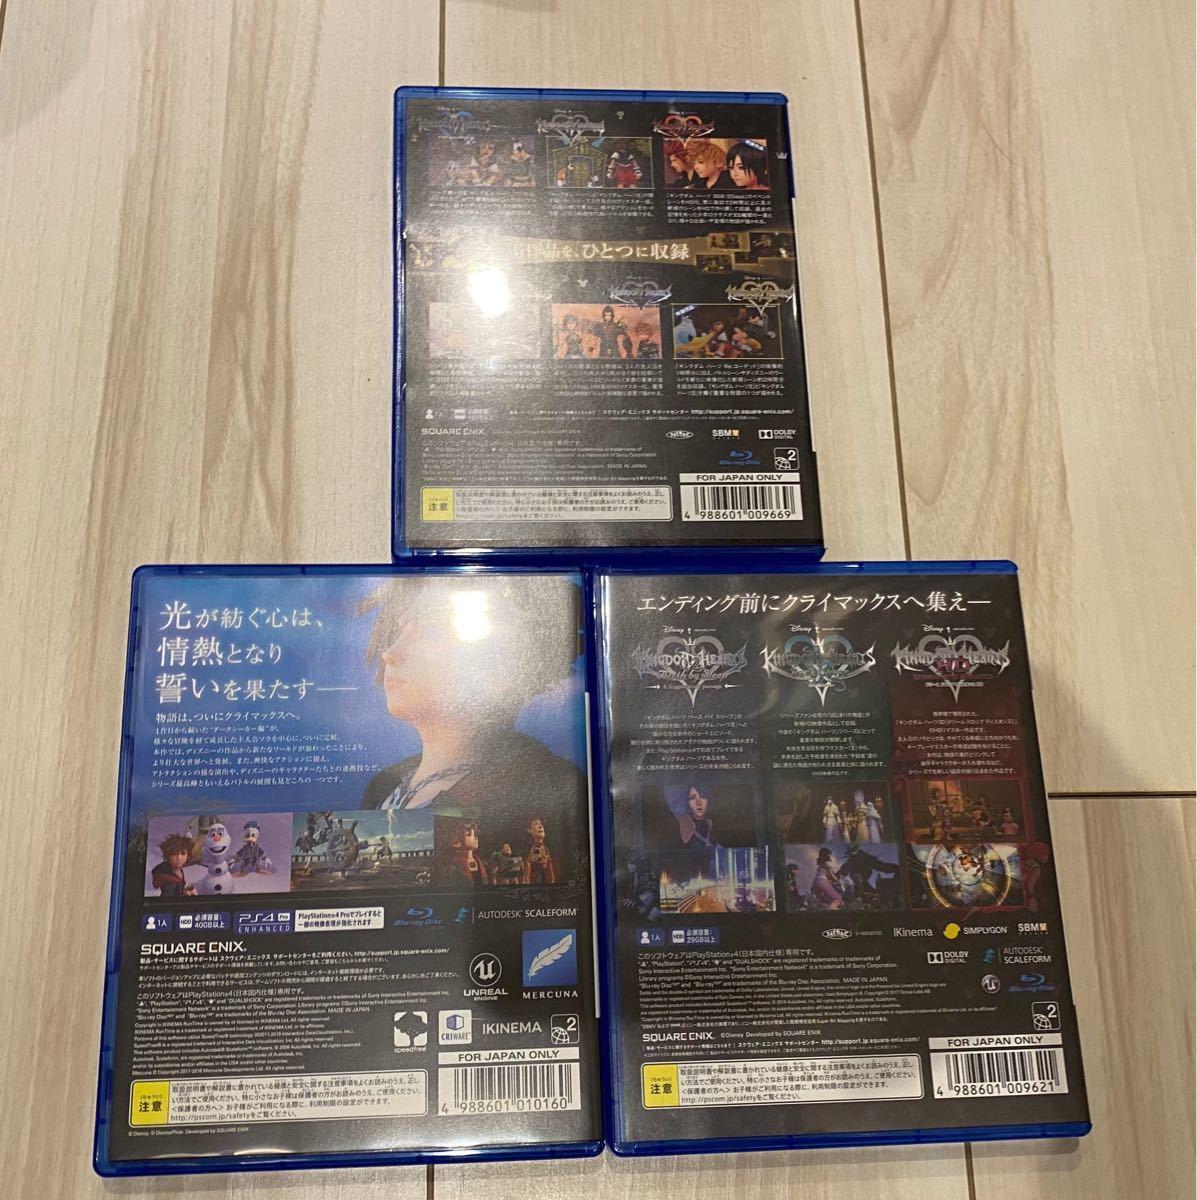 キングダムハーツ PS4 3作品セット KINGDOM HEARTS